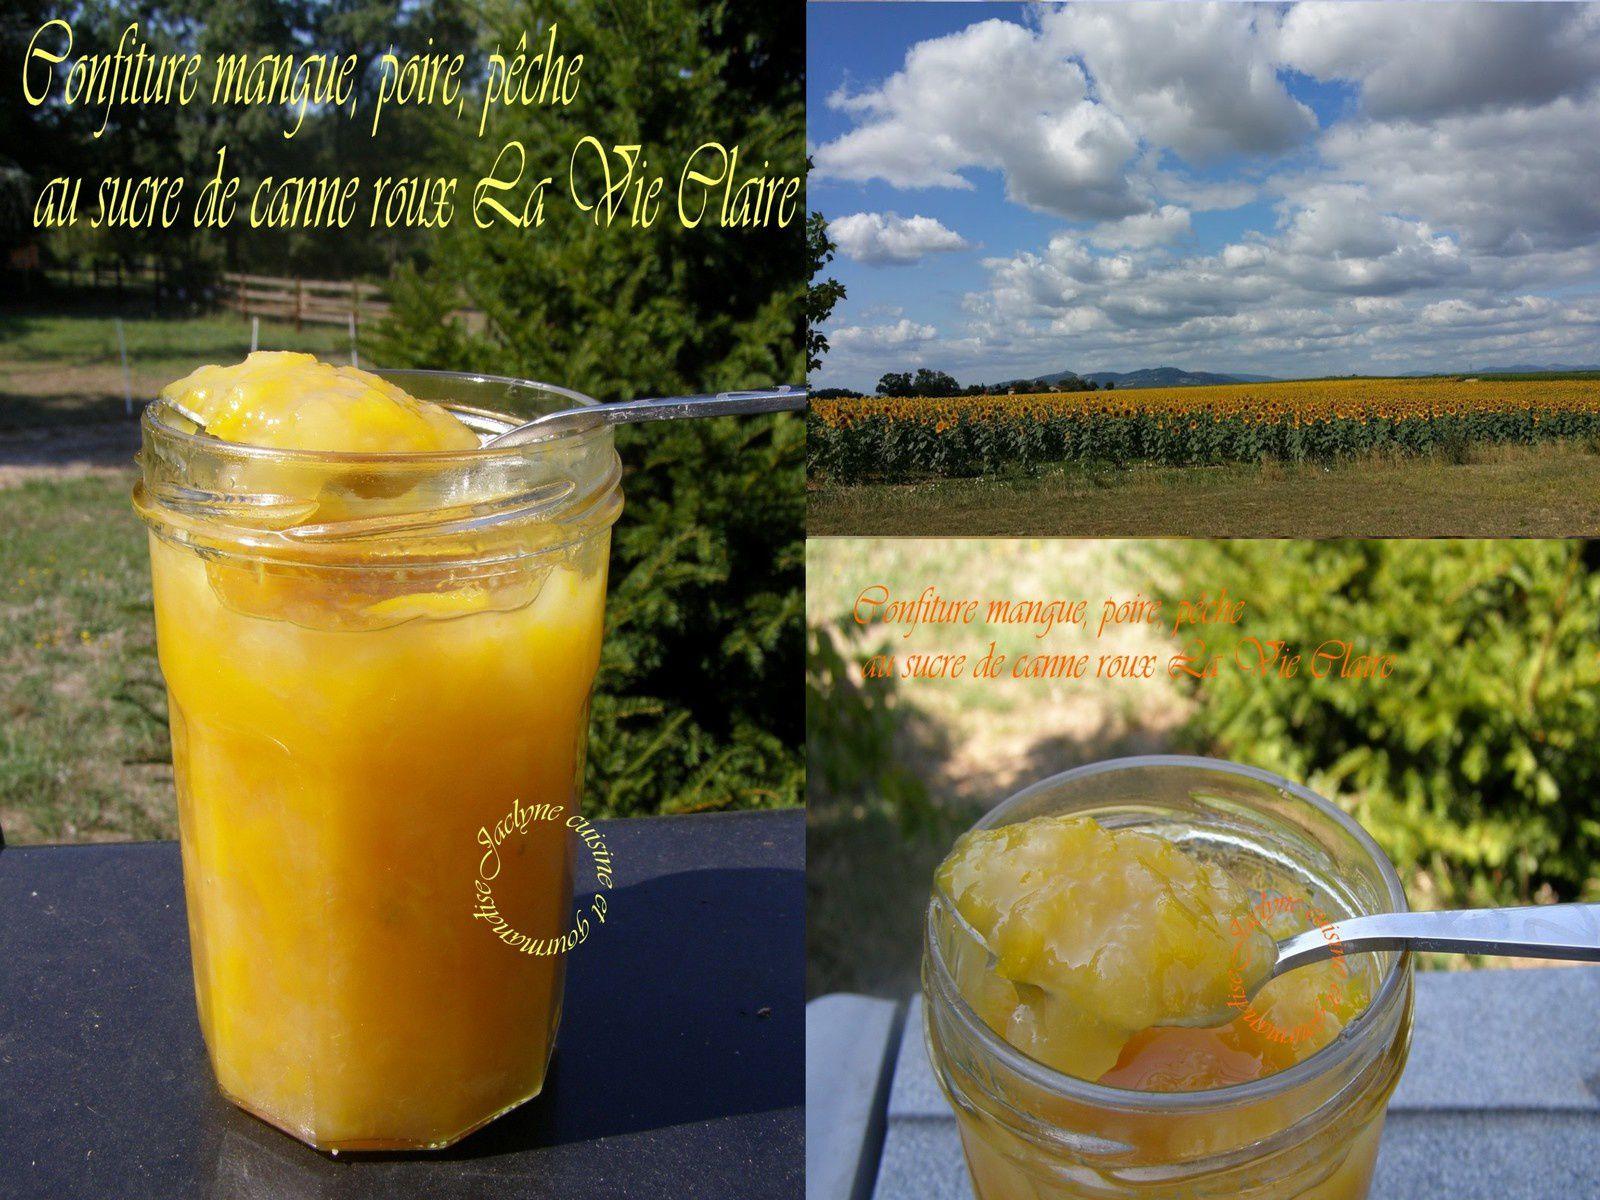 Confiture mangue, poire, pêche au sucre de canne roux La Vie Claire Jaclyne www.cuisineetgourmandise